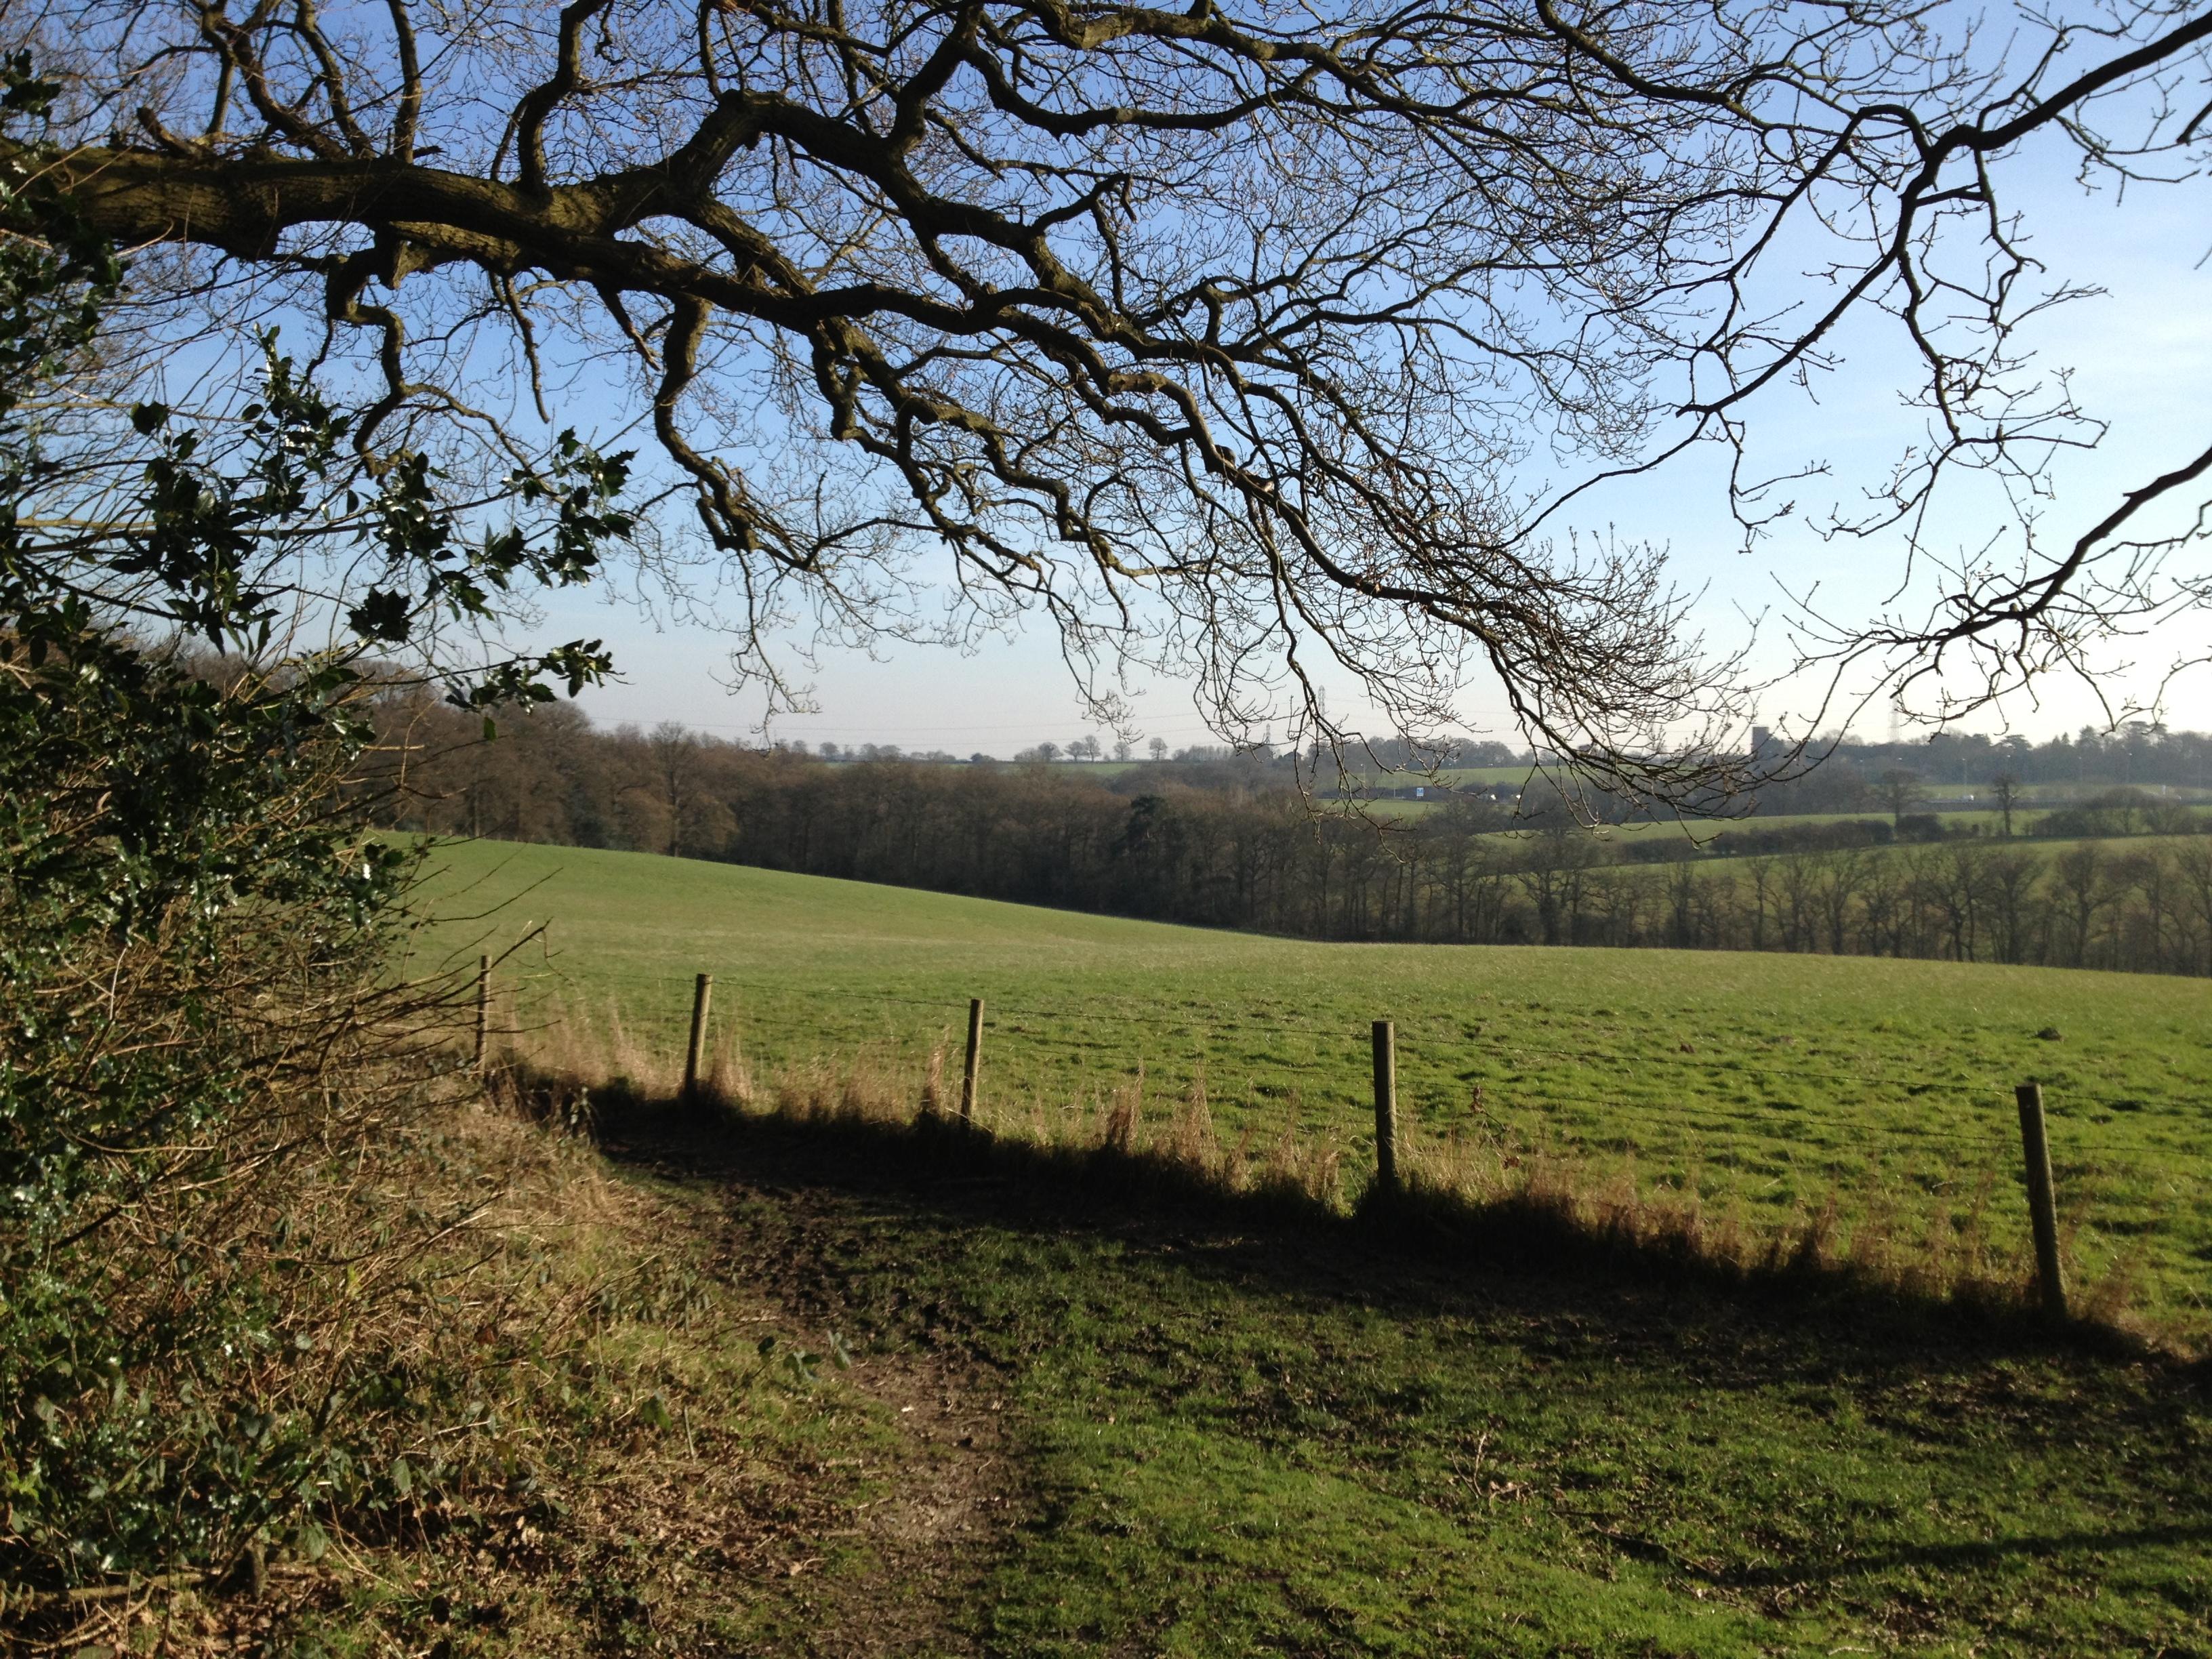 visiter angleterre - forêt hertfordshire